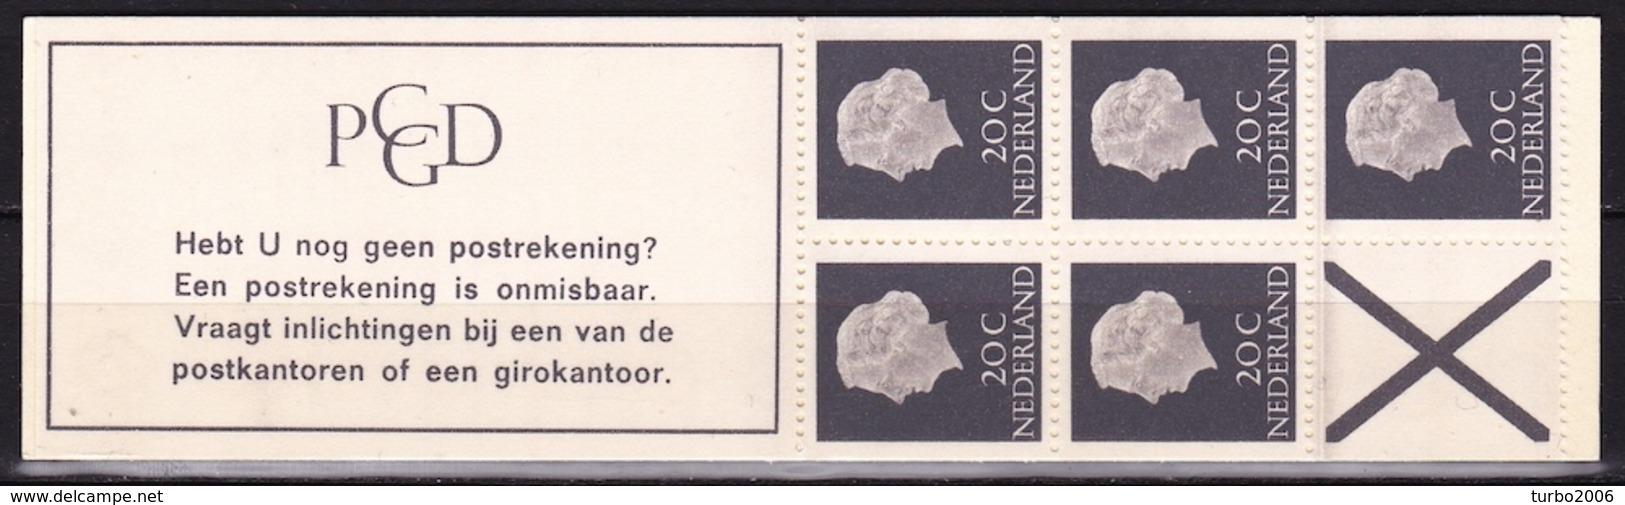 1966 PZB Boekje 5 X 20 Ct Koningin Juliana Normaal Papier PB 6 D Postfris - Carnets